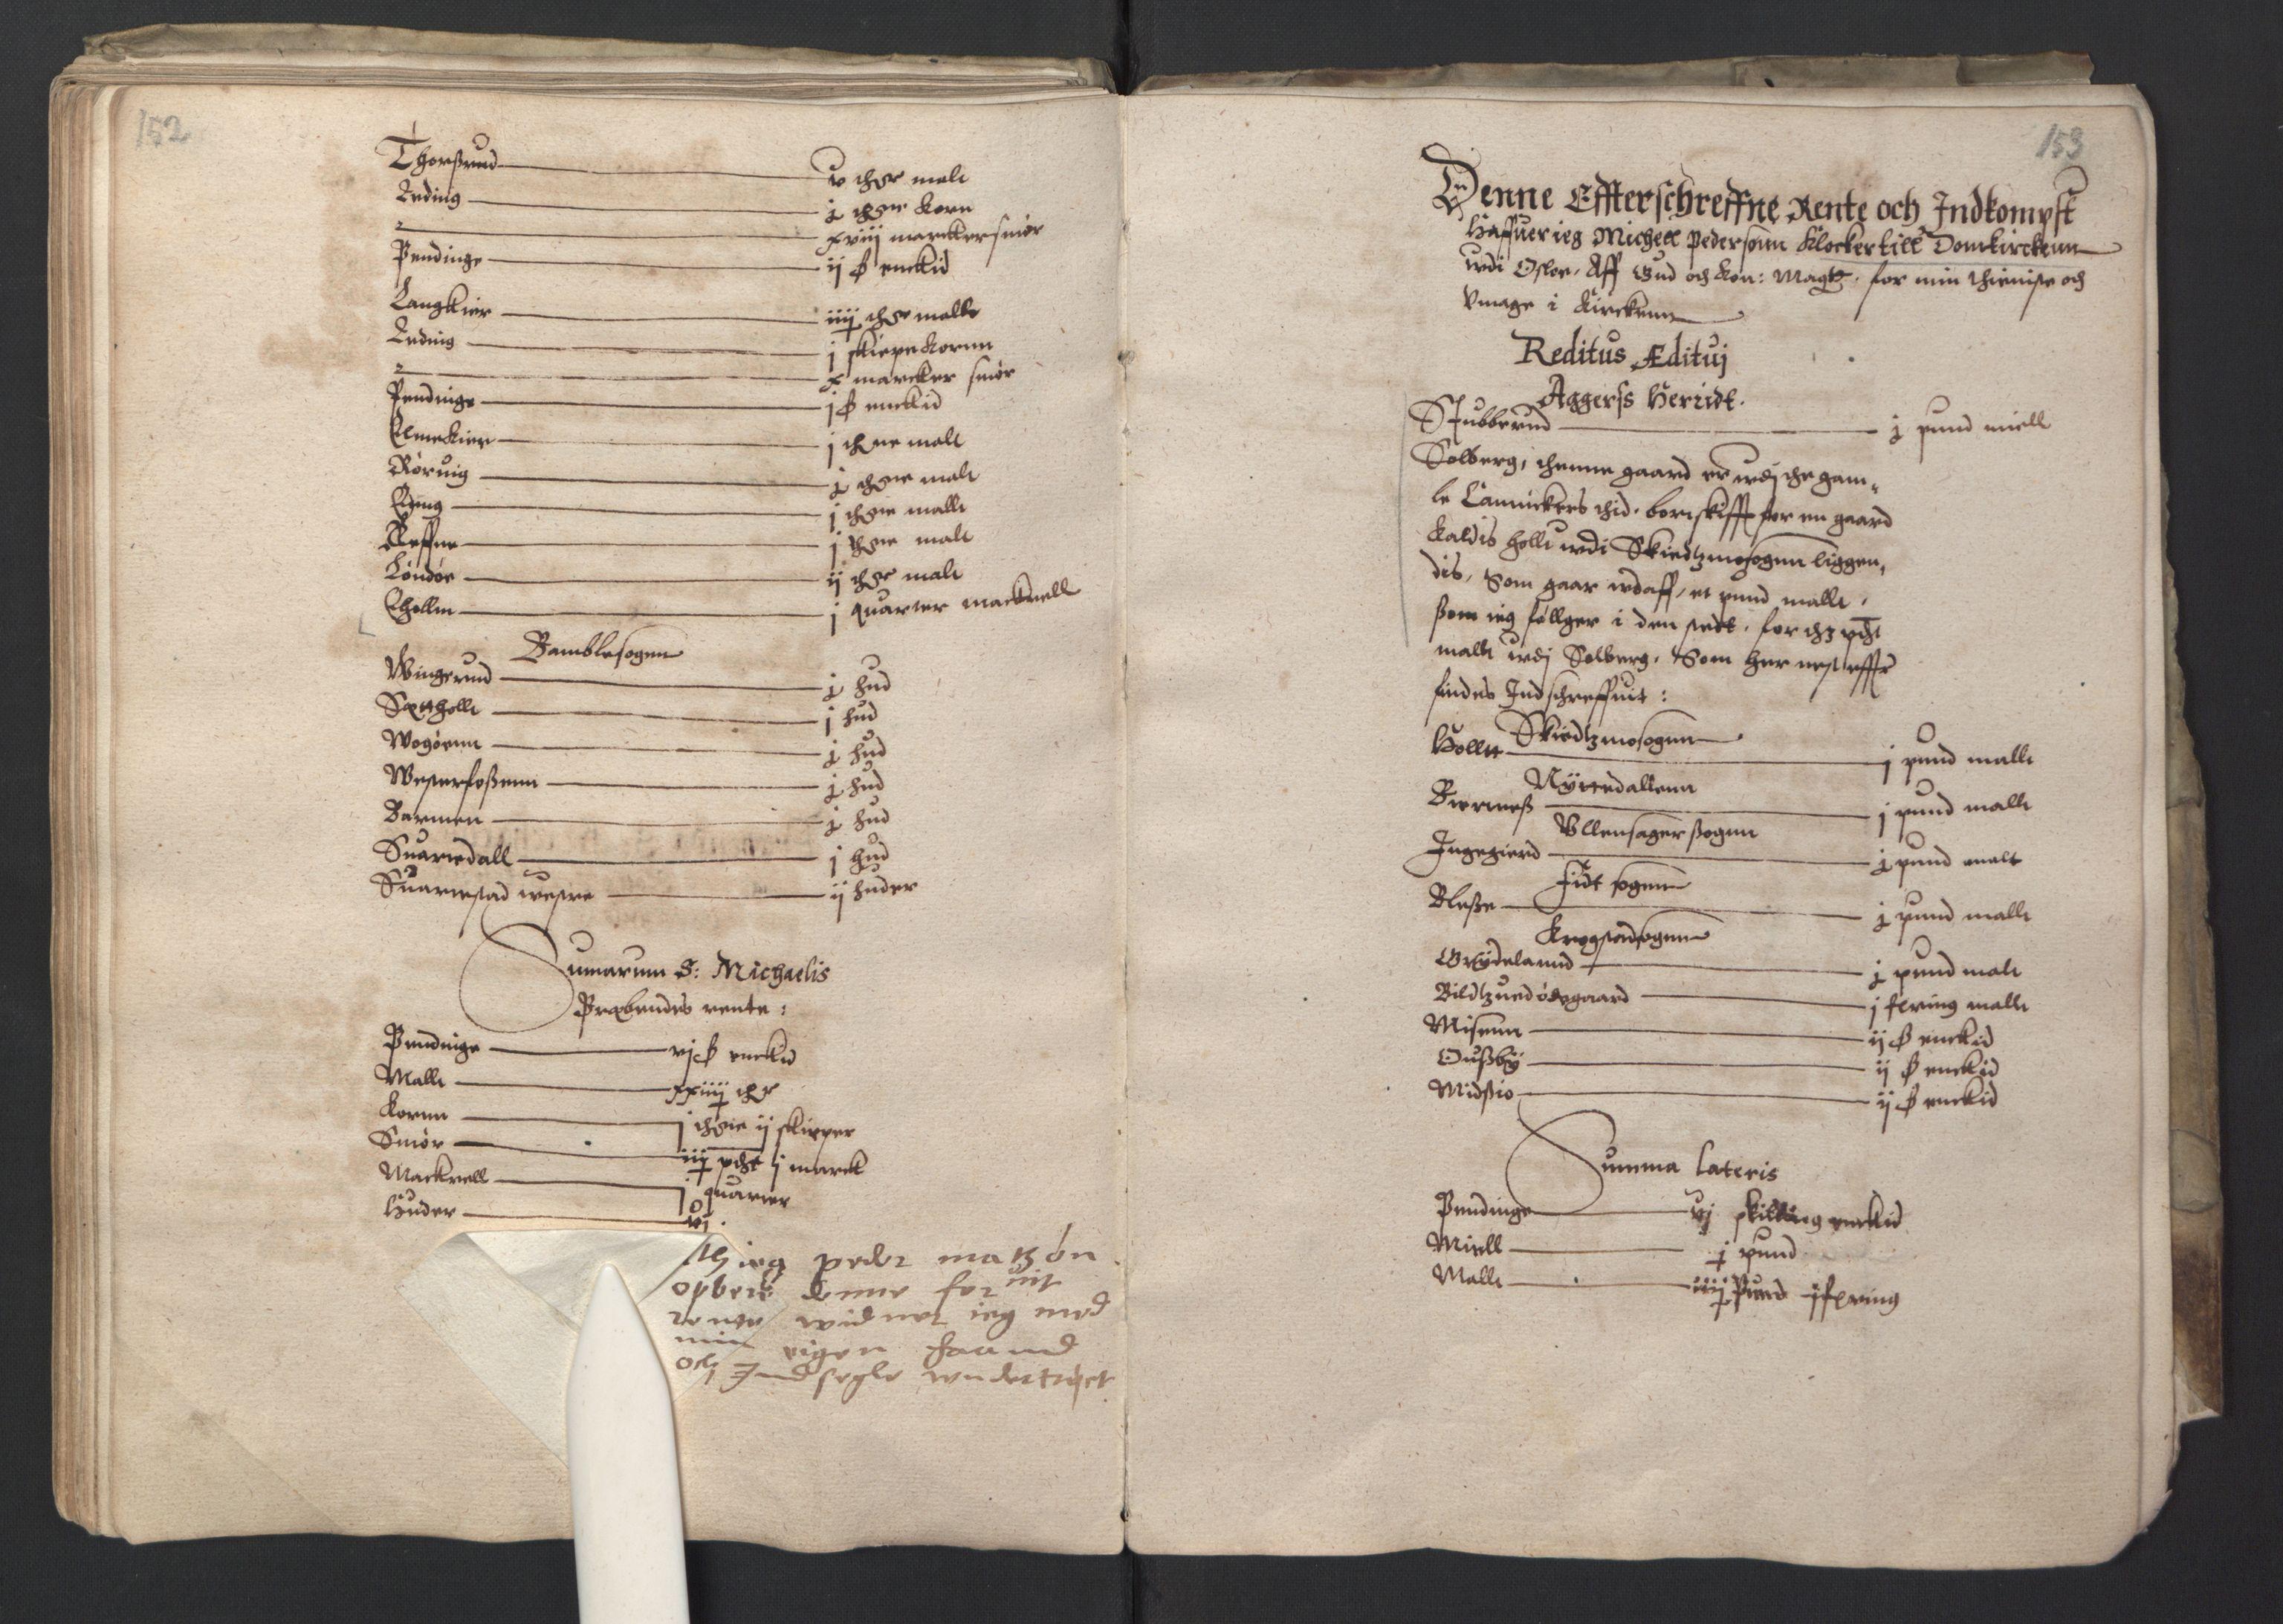 RA, Stattholderembetet 1572-1771, Ek/L0001: Jordebøker før 1624 og til utligning av garnisonsskatt 1624-1626:, 1595, s. 152-153